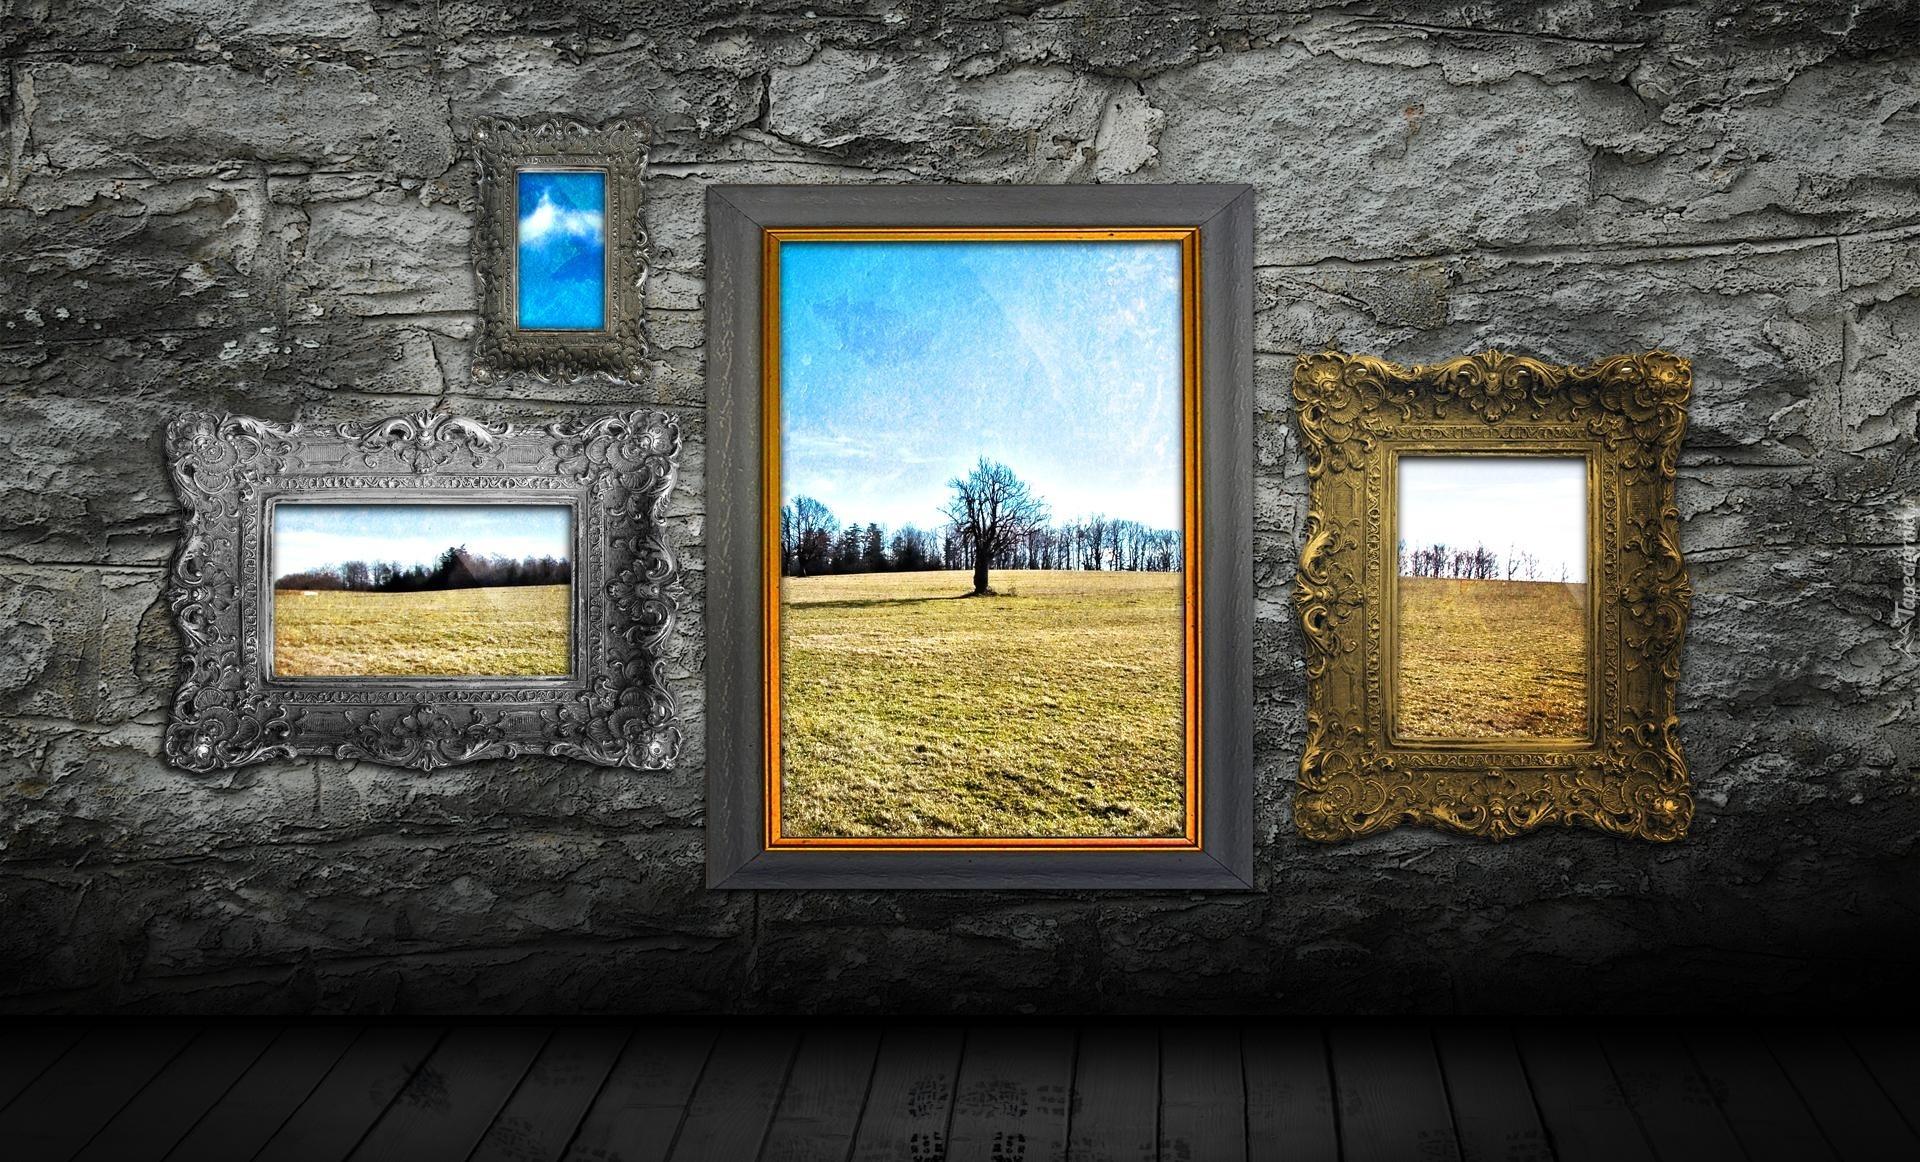 рамки на фото для галереи несмотря эпитет